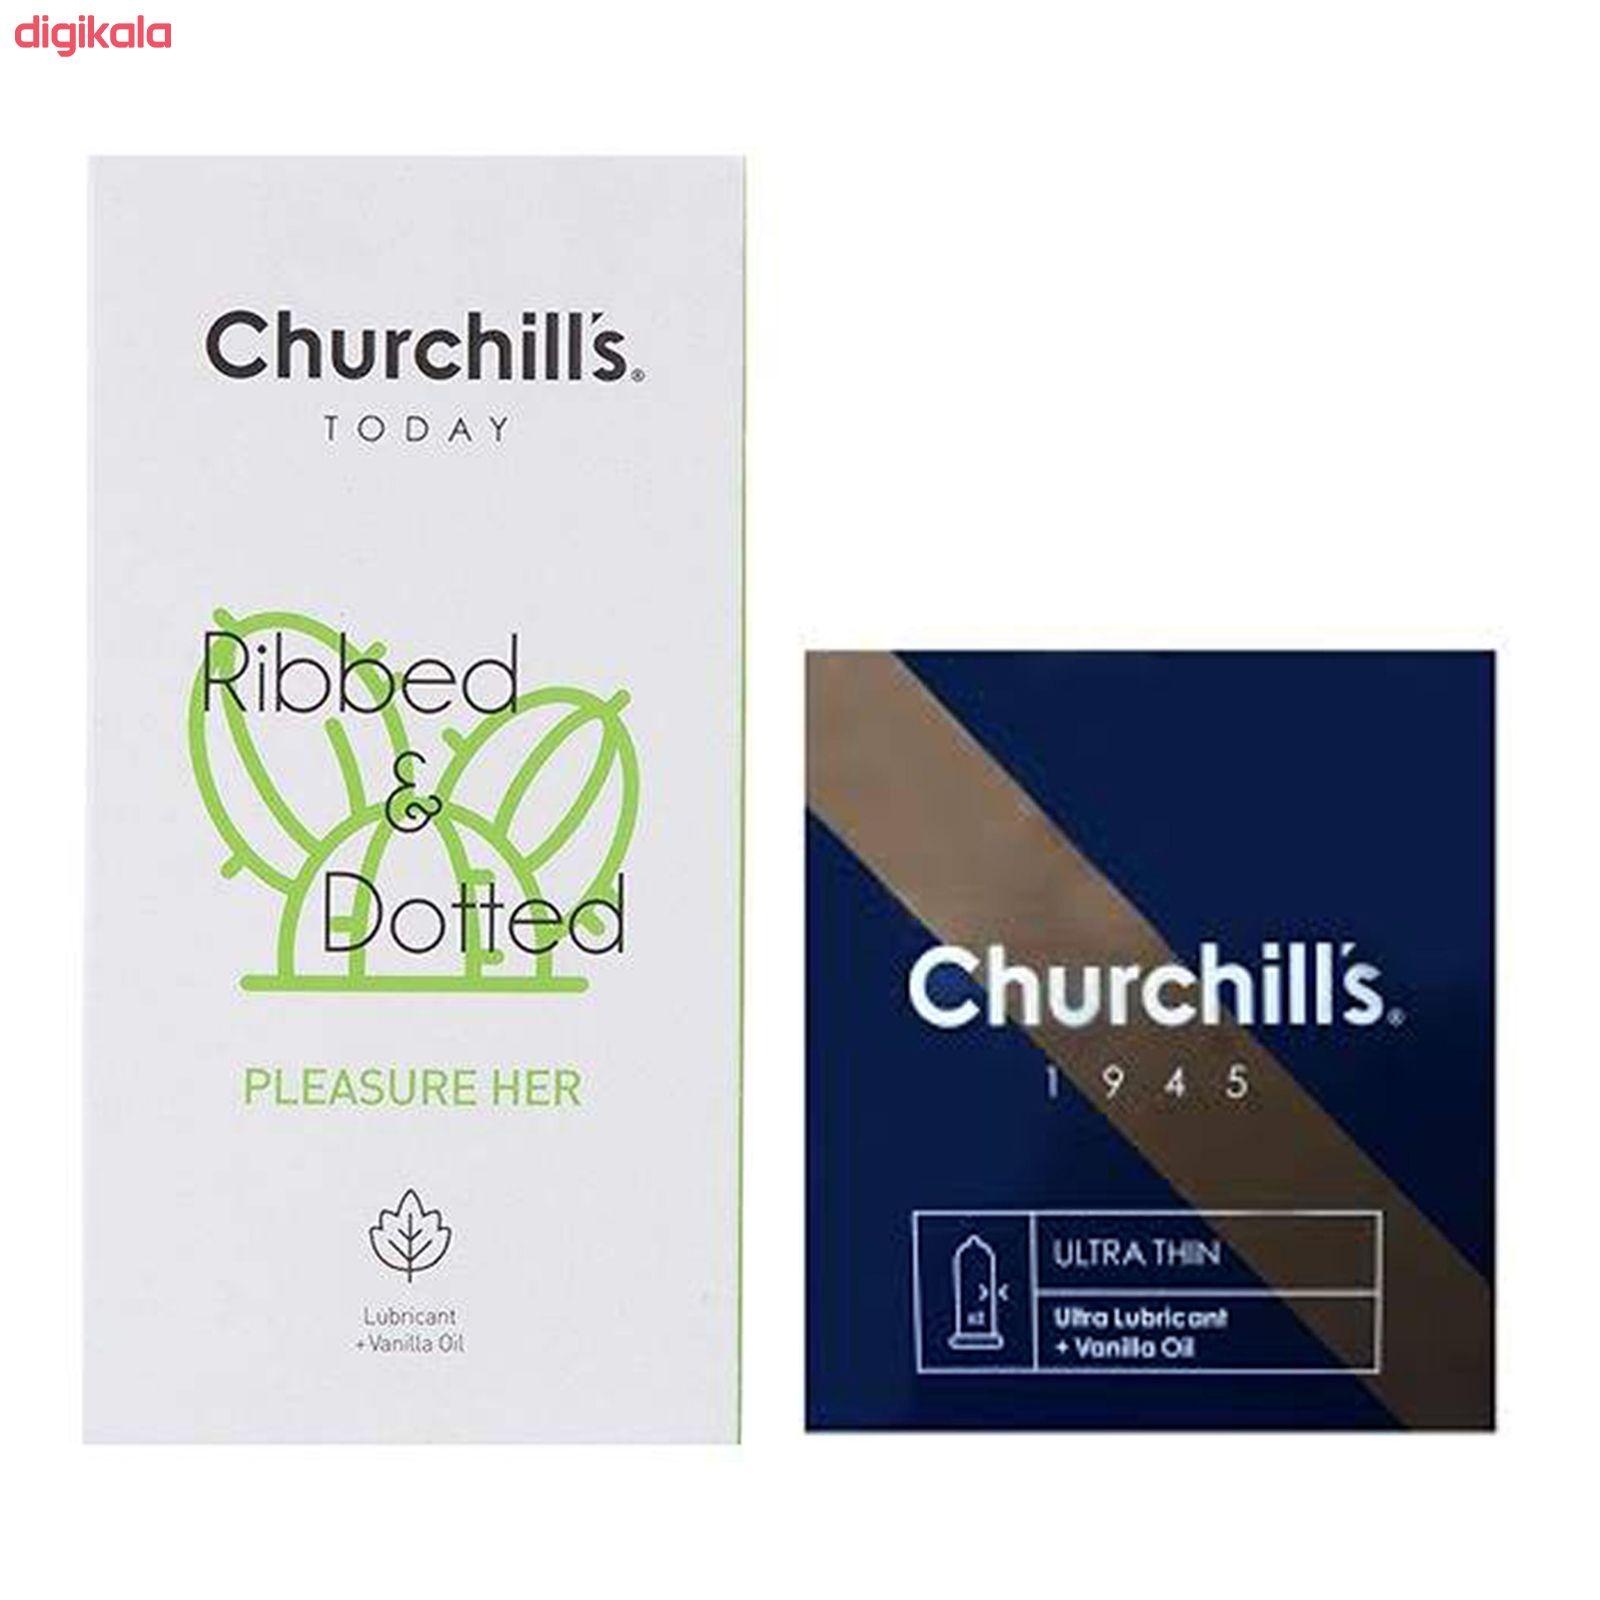 کاندوم چرچیلز مدل Pleasure Her بسته 12 عددی به همراه کاندوم مدل Ultra Lubricant بسته 3 عددی main 1 1